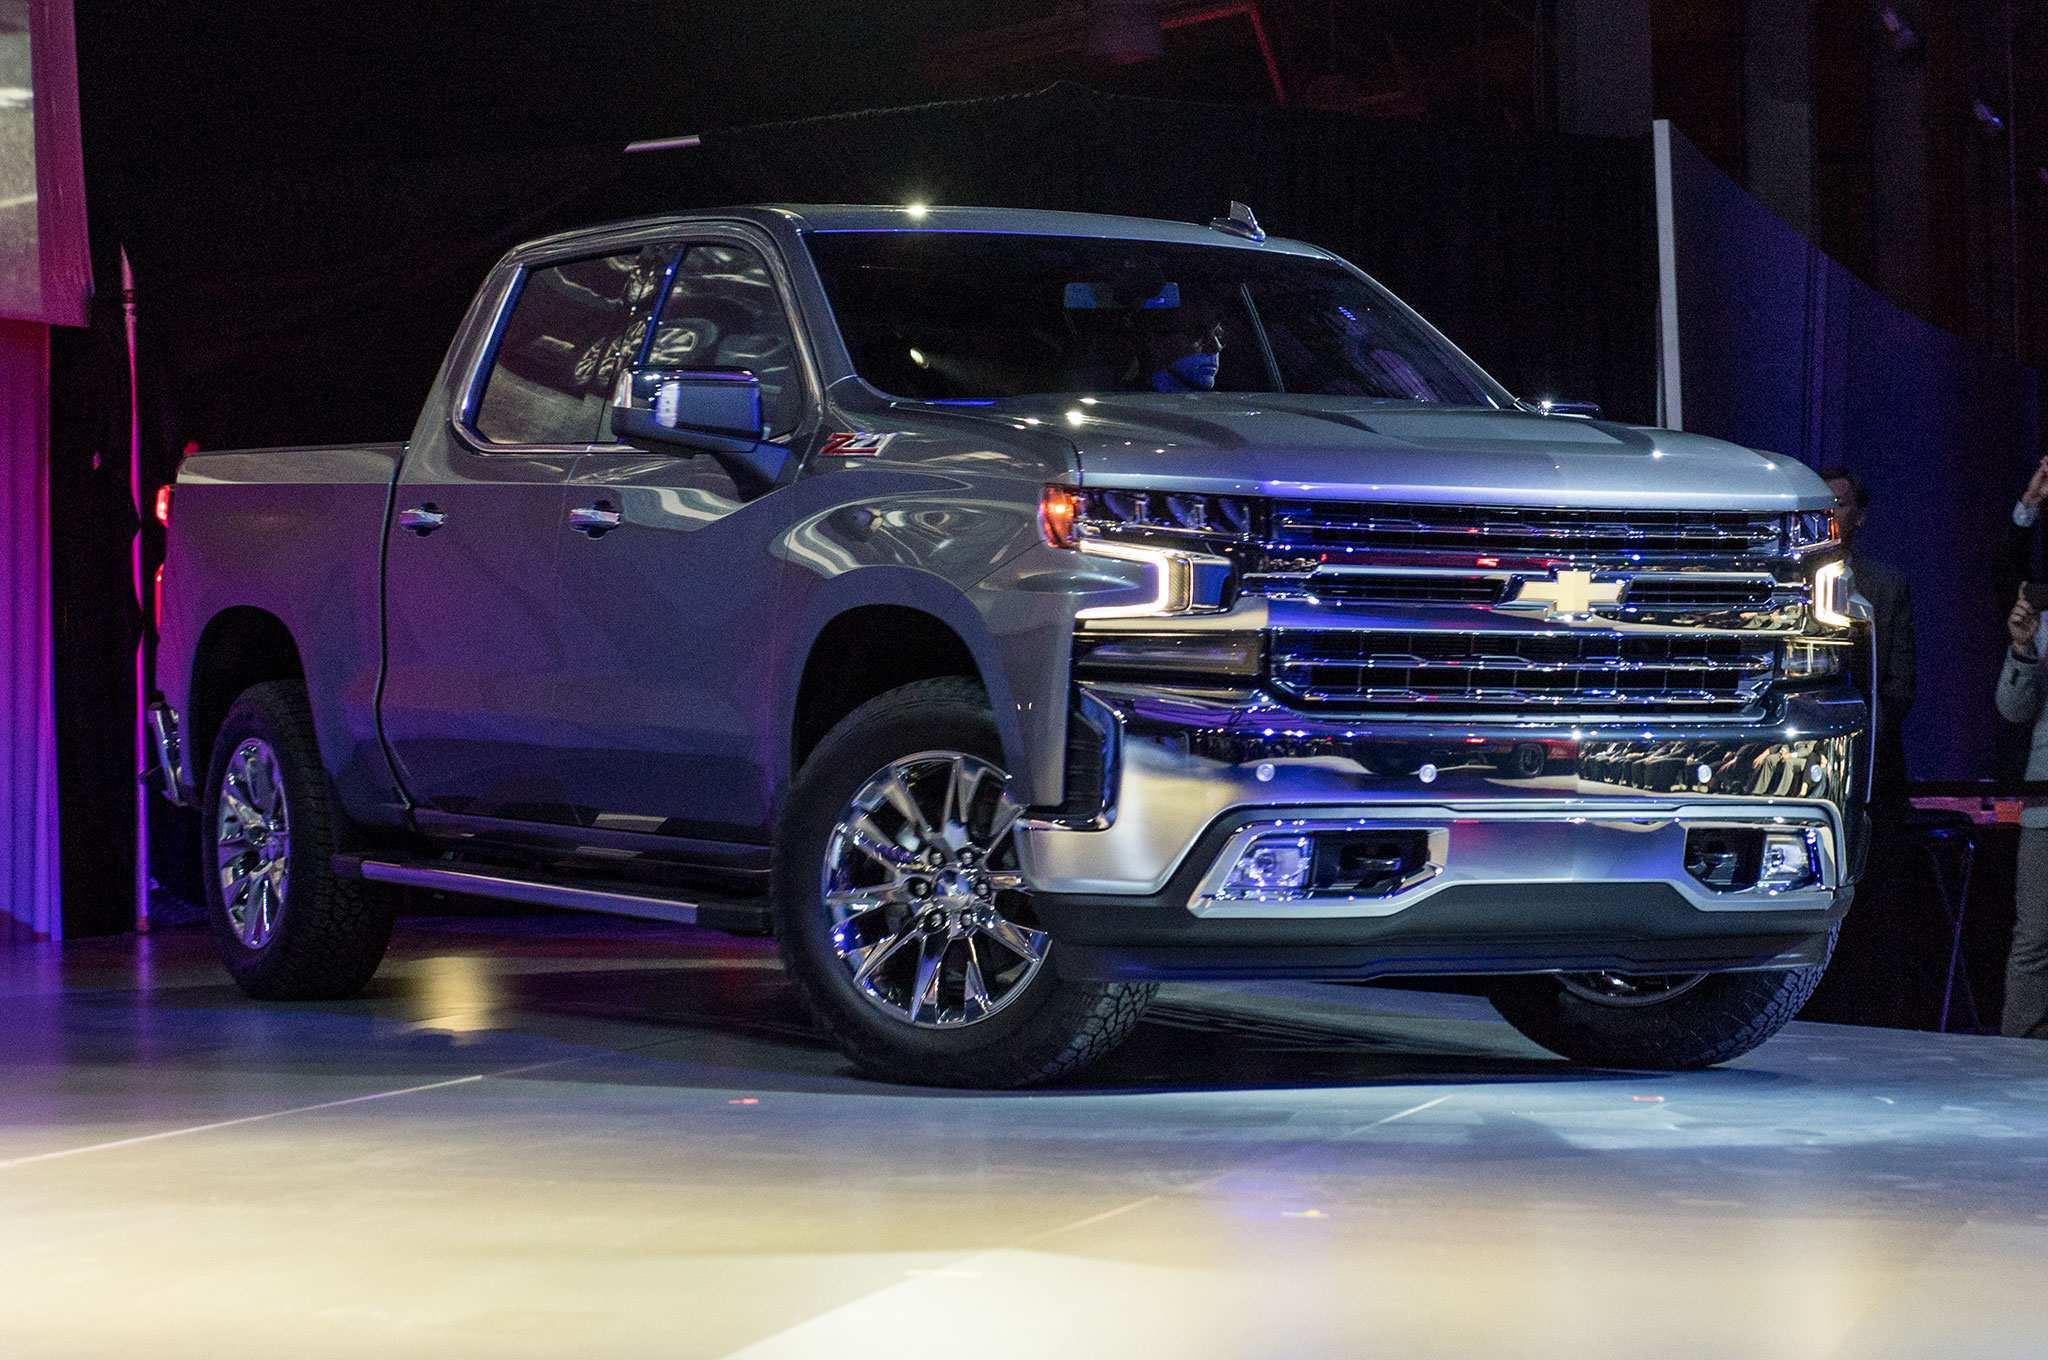 68 Gallery of 2019 Chevrolet 1500 Diesel Speed Test with 2019 Chevrolet 1500 Diesel